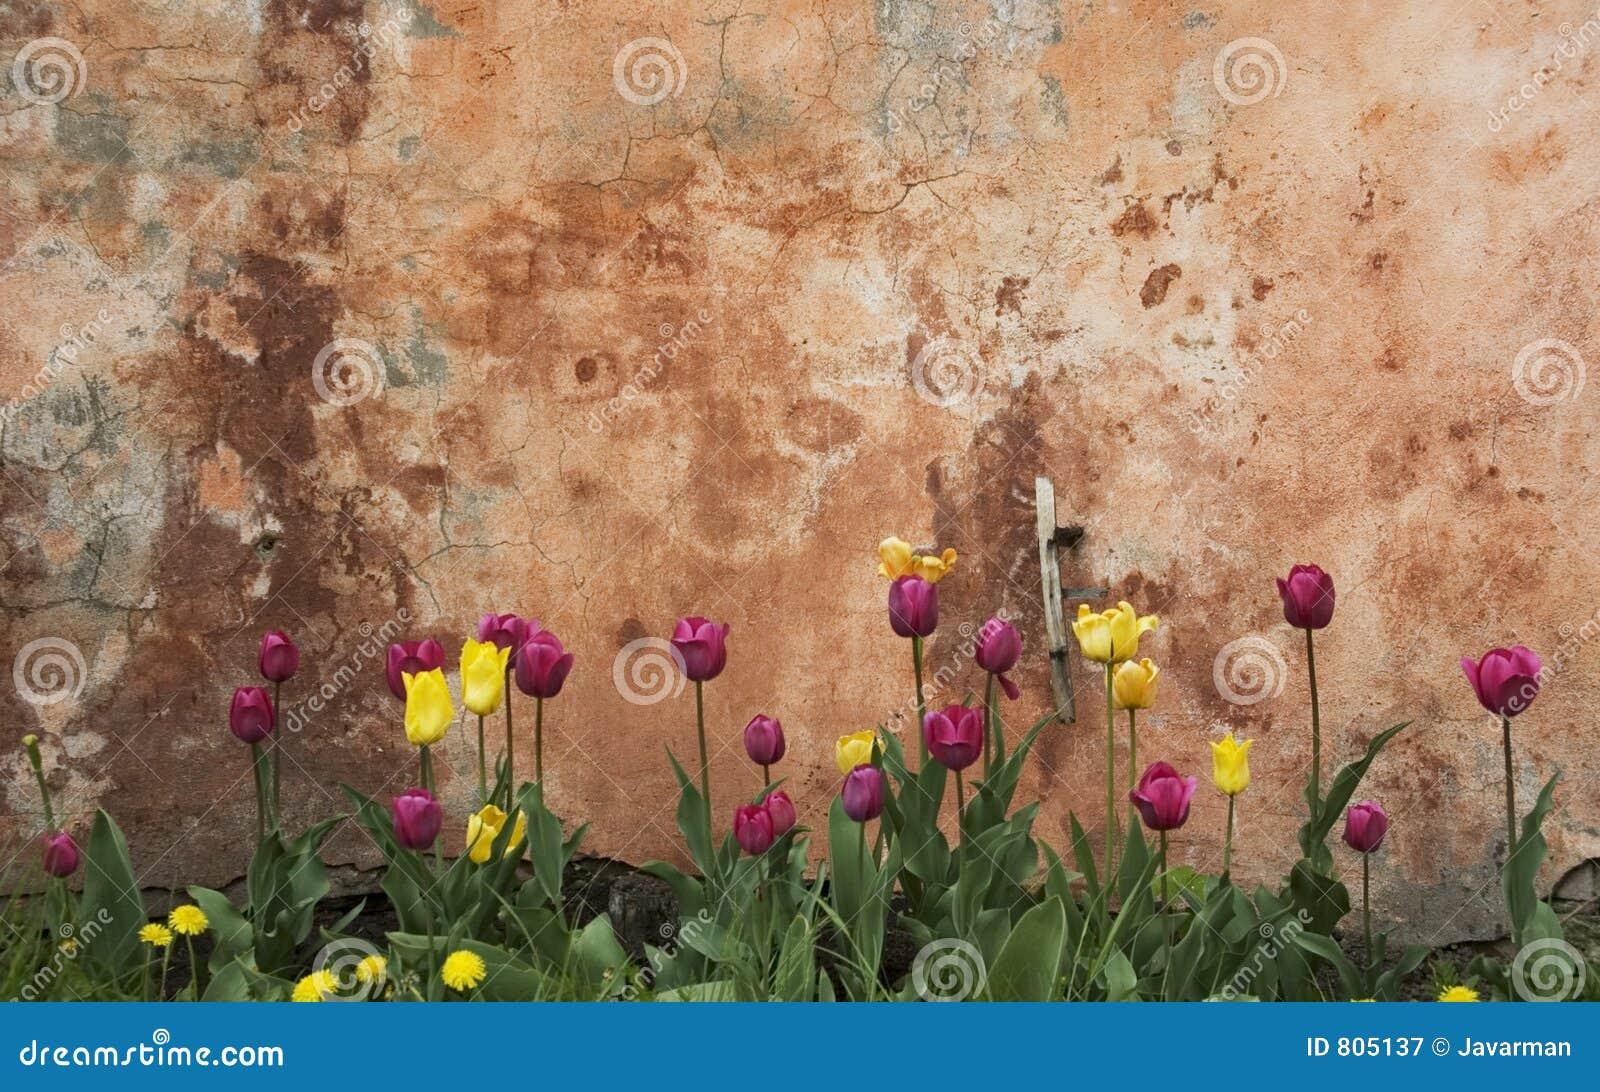 Wand und Tulpen